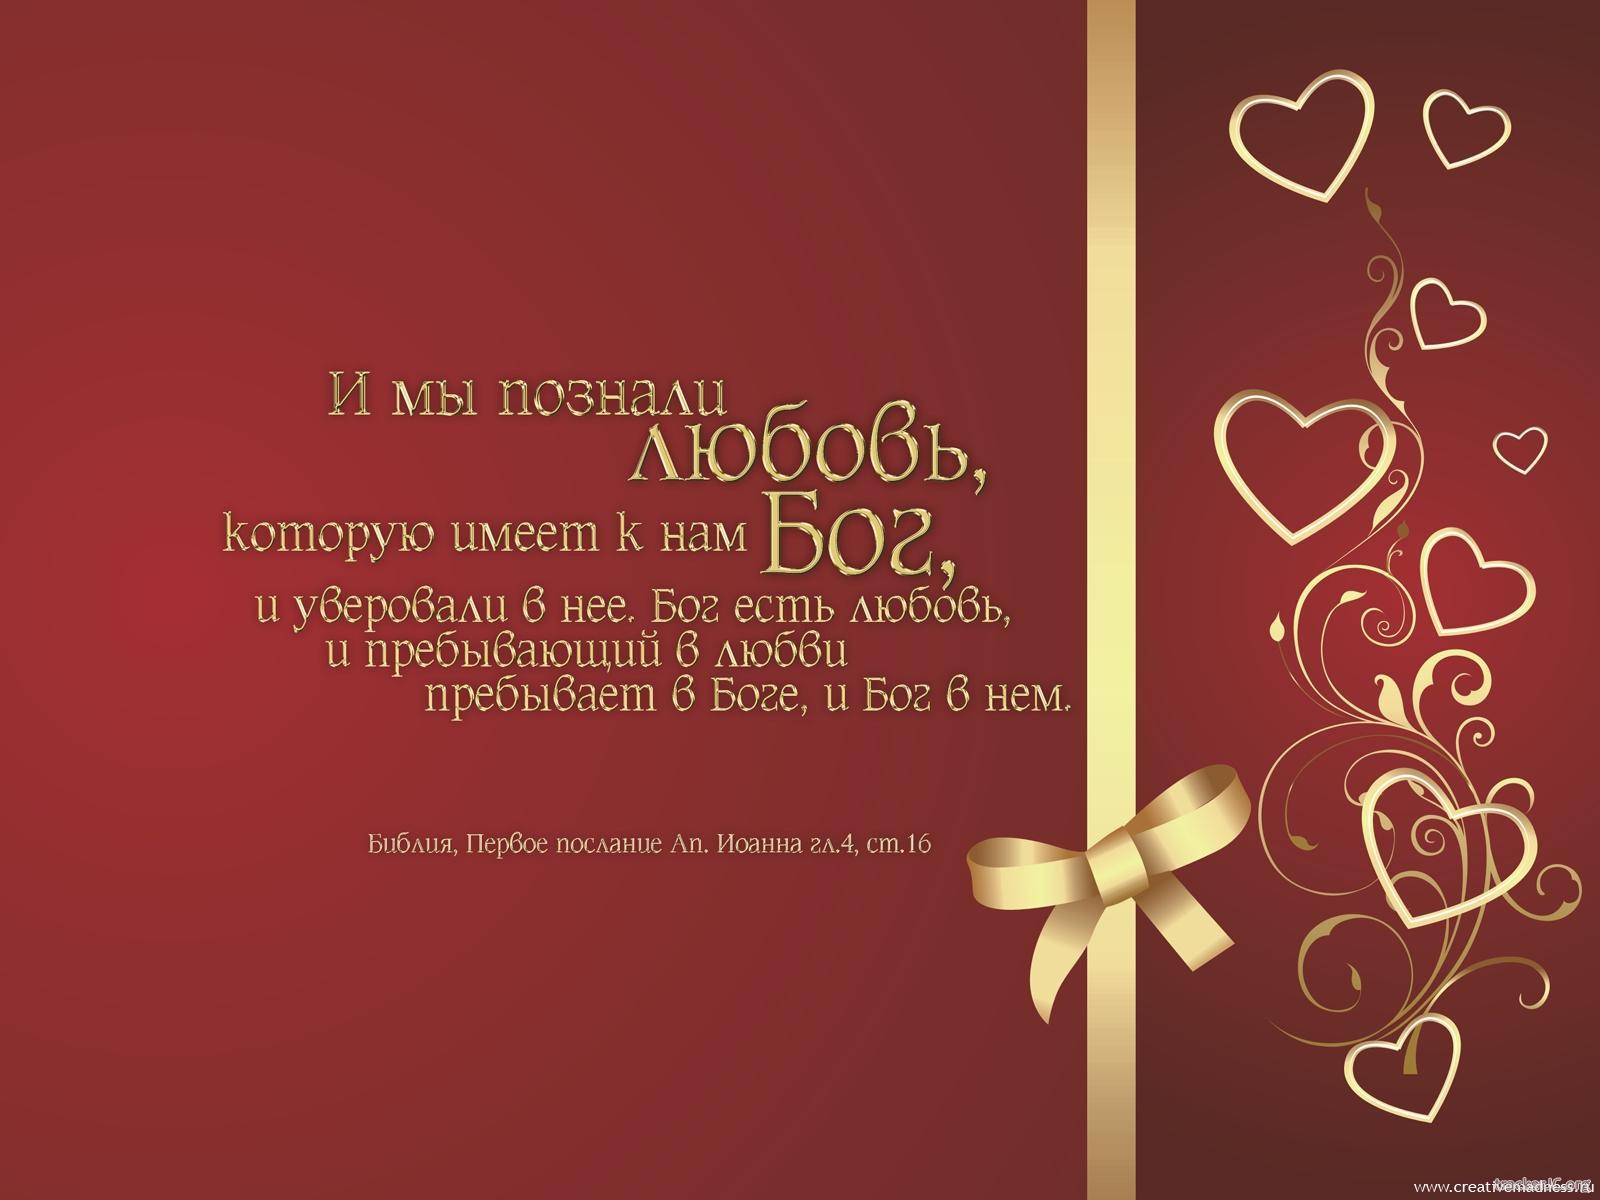 Православные поздравления с днем рождения мужчине 6